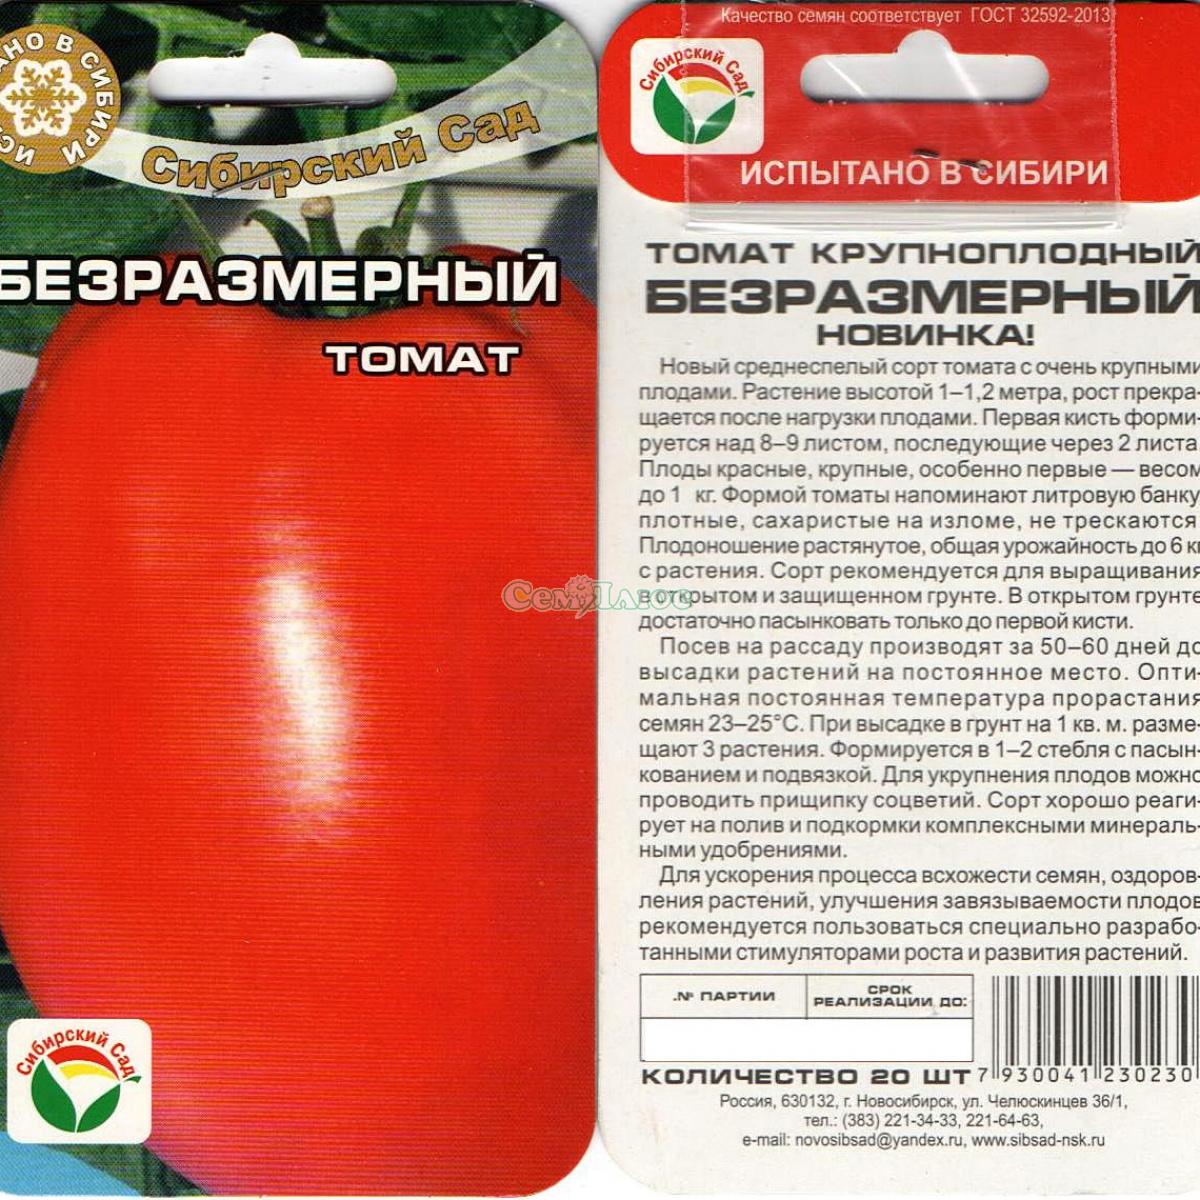 томат безразмерный отзывы и фото все